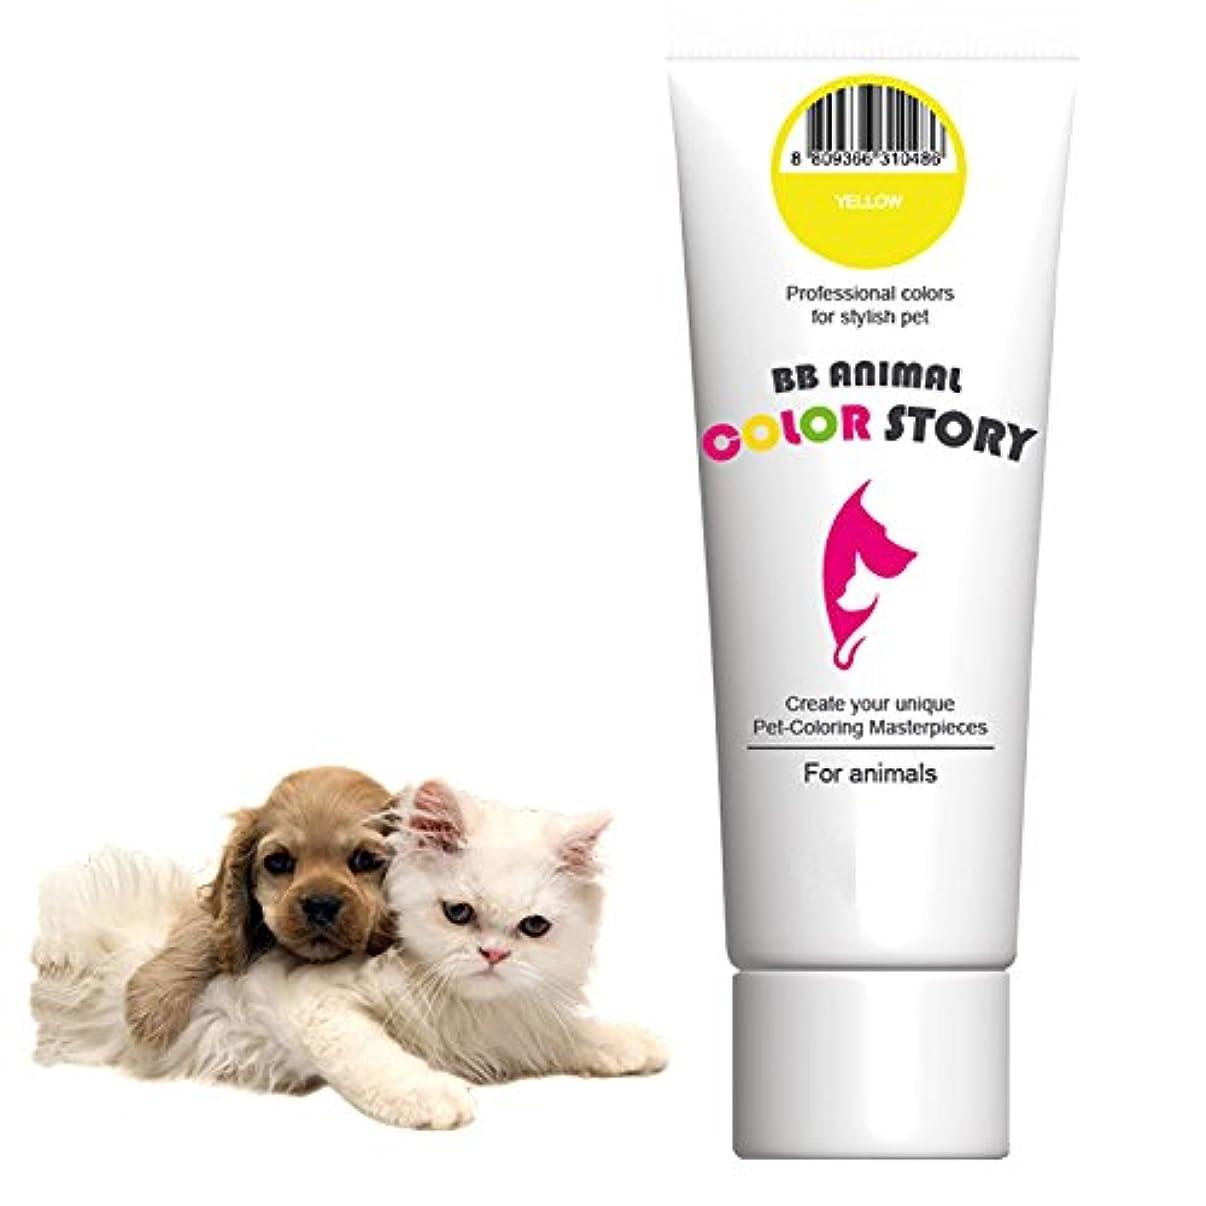 そのような誰かアーカイブ毛染め, 犬ヘアダイ Yellow カラーリング Dog Hair Hair Bleach Dye Hair Coloring Professional Colors for Stylish Pet 50ml 並行輸入